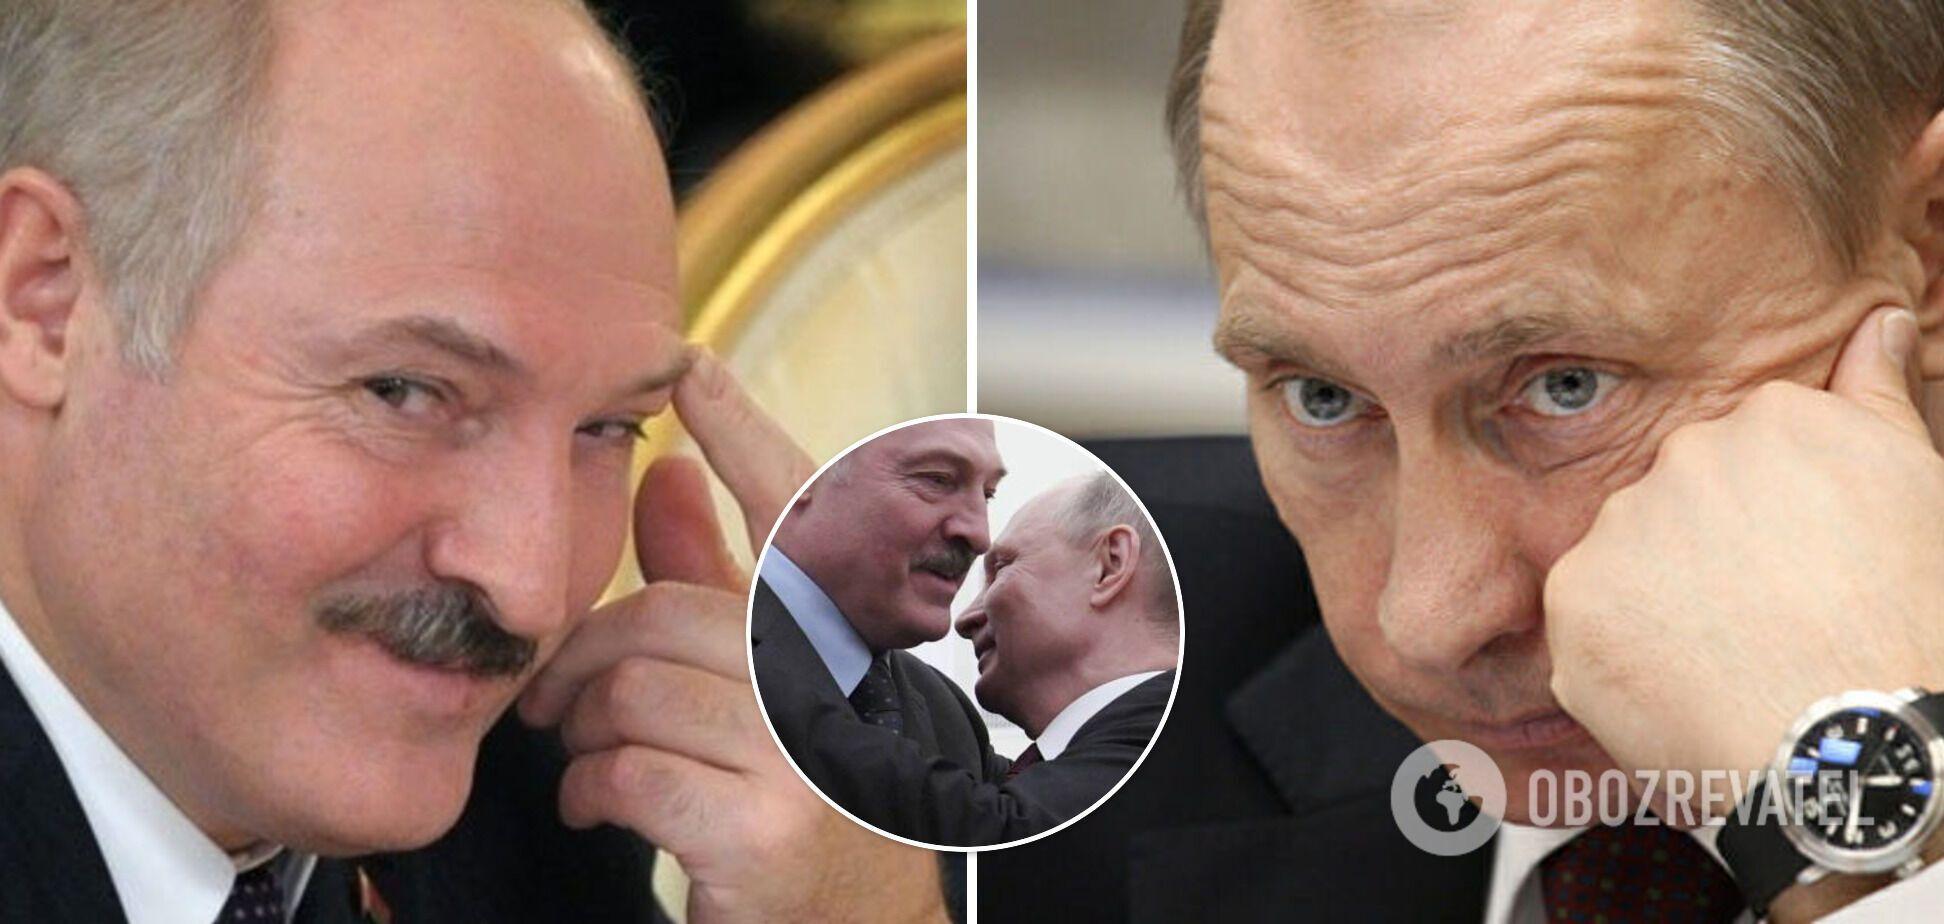 Минский хитрец и кремлёвский простак